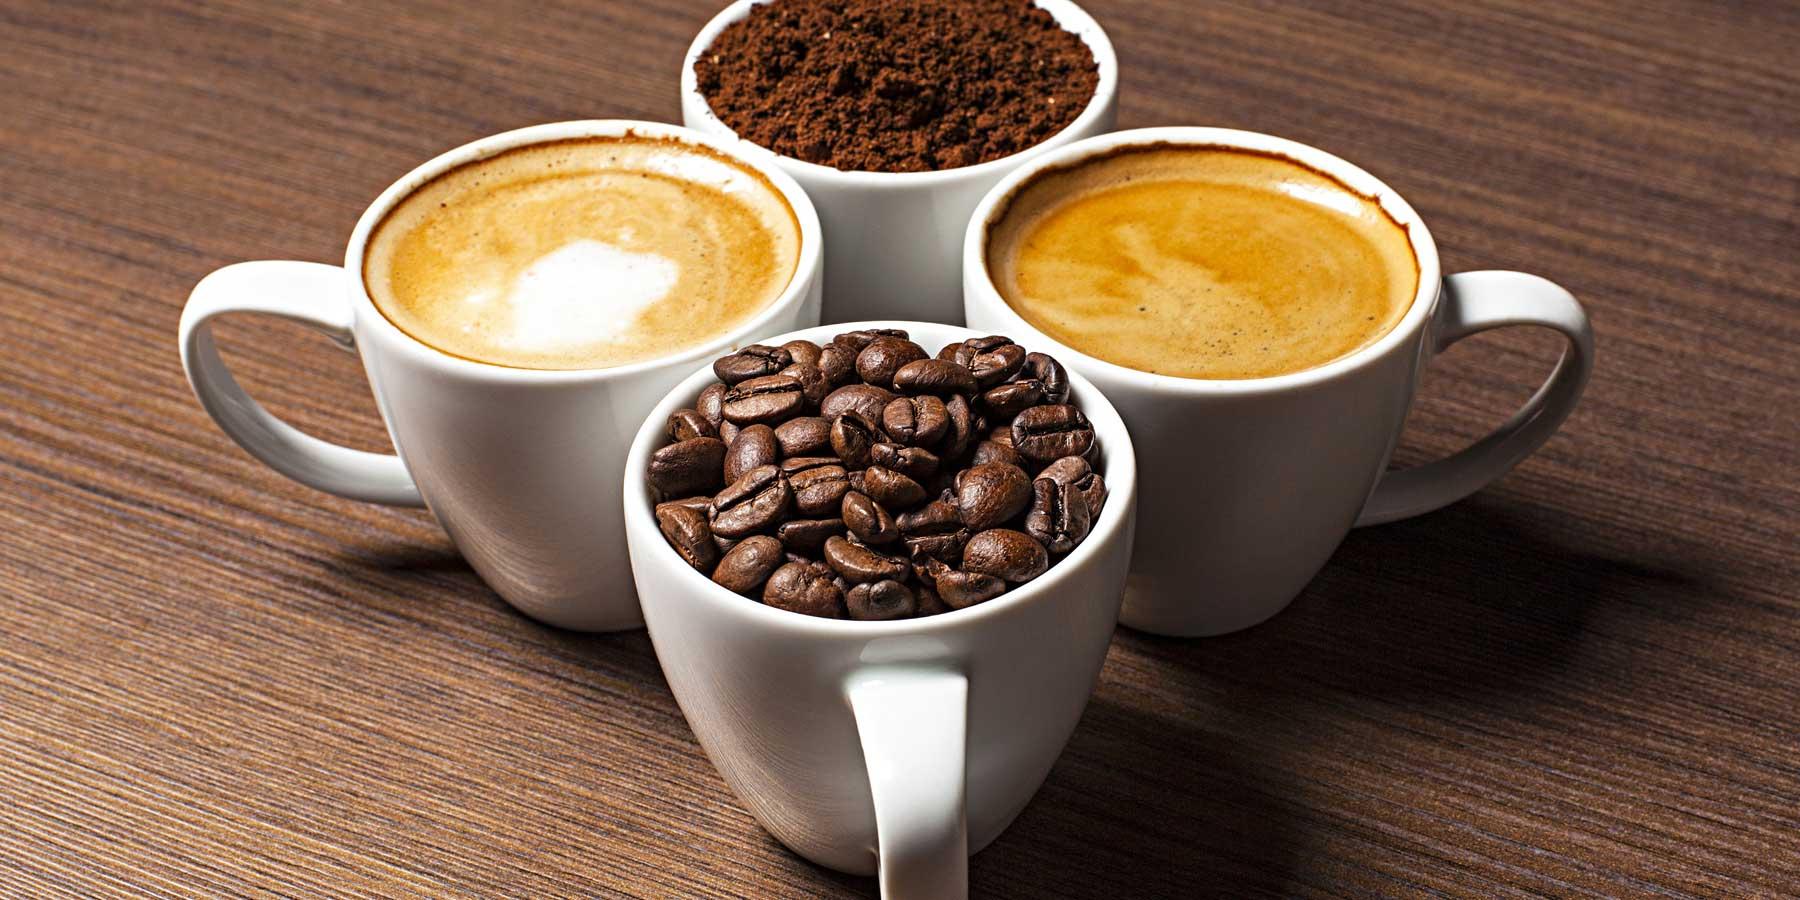 Любители кофе чаще обращаются к мастерам эпиляции